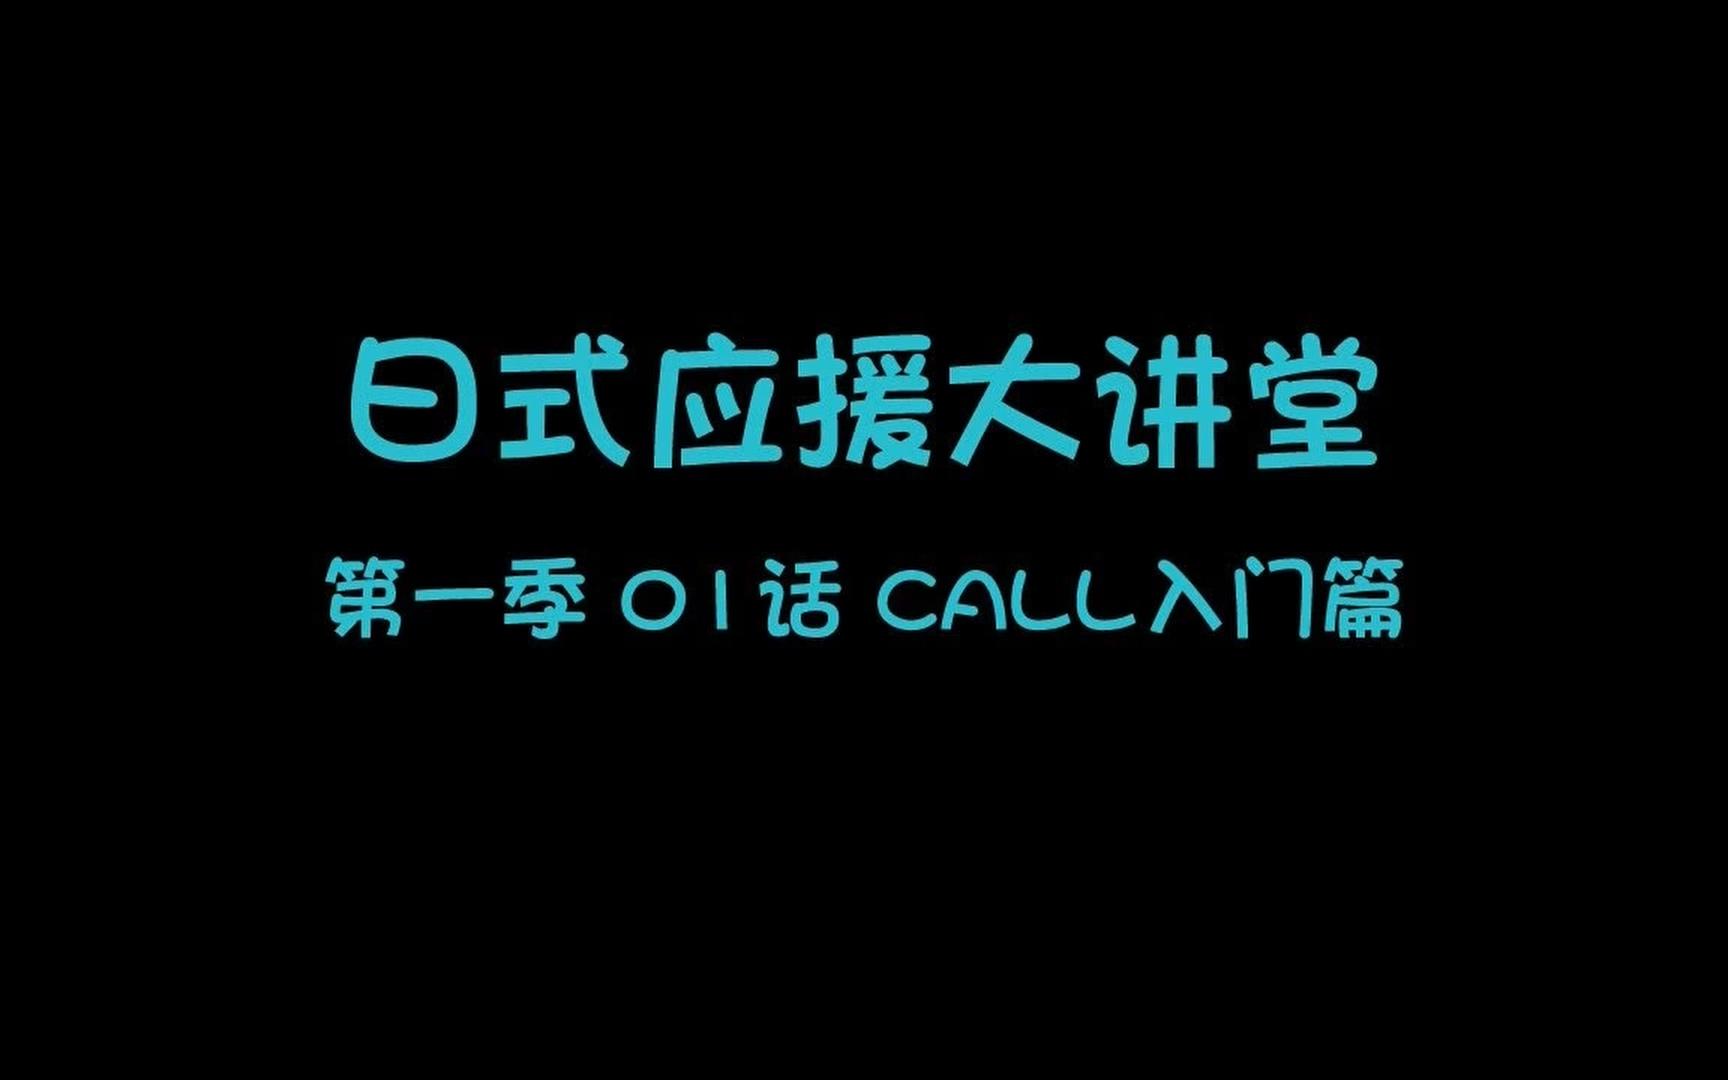 【日式应援大讲堂】第一季01话 CALL入门篇【H.Mos】【授权发布】